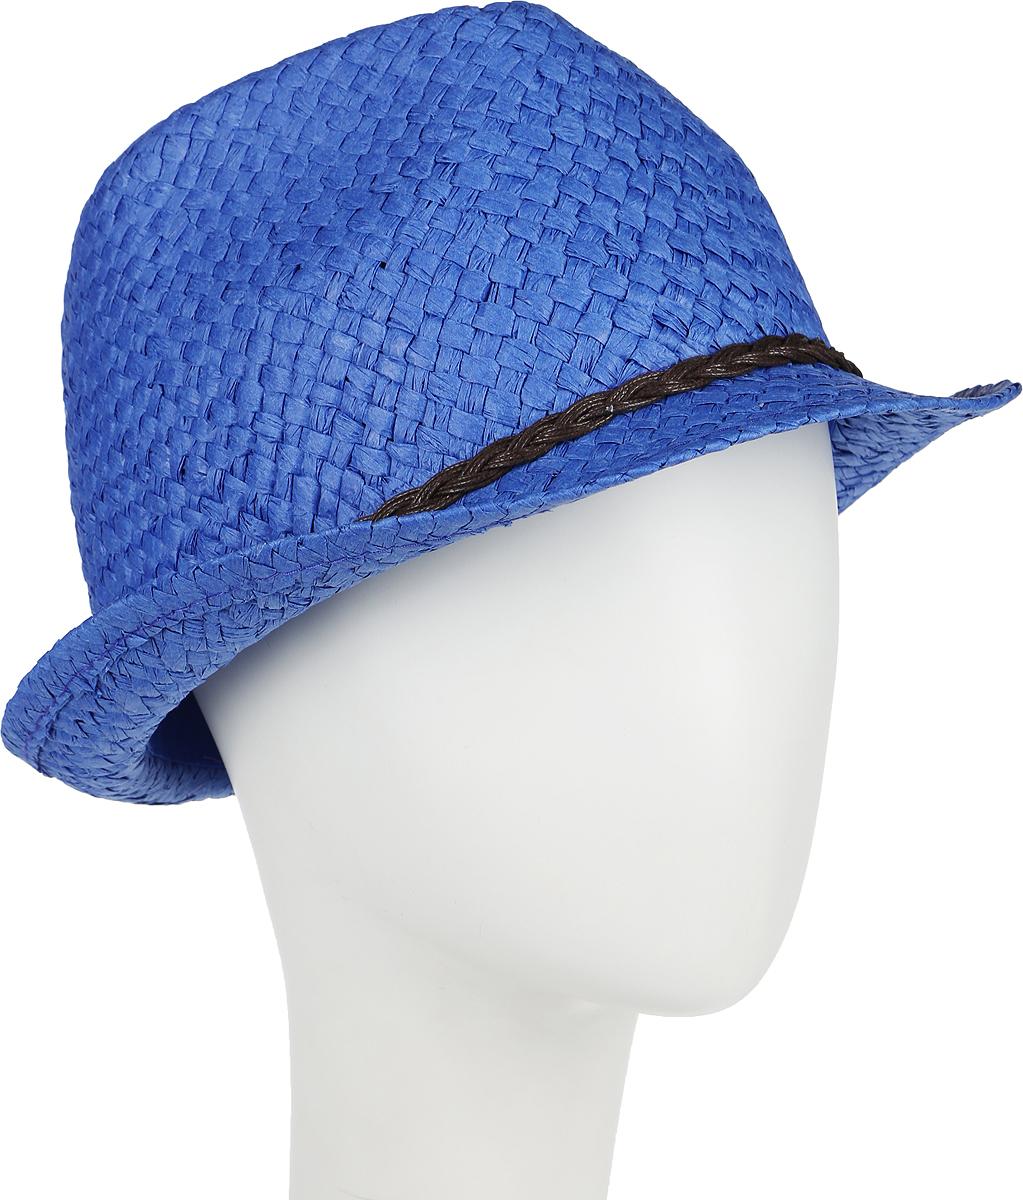 Шляпа женская Canoe Togo, цвет: синий. 1964314. Размер 561964314Стильная летняя шляпа Canoe Togo, выполненная из искусственной соломы, станет незаменимым аксессуаром для пляжа и отдыха на природе, и обеспечит надежную защиту головы от солнца. Шляпа оформлена декоративным плетеным ремешком. Плетение шляпы обеспечивает необходимую вентиляцию и комфорт даже в самый знойный день. Шляпа легко восстанавливает свою форму после сжатия.Такая шляпа подчеркнет вашу неповторимость и дополнит ваш повседневный образ.